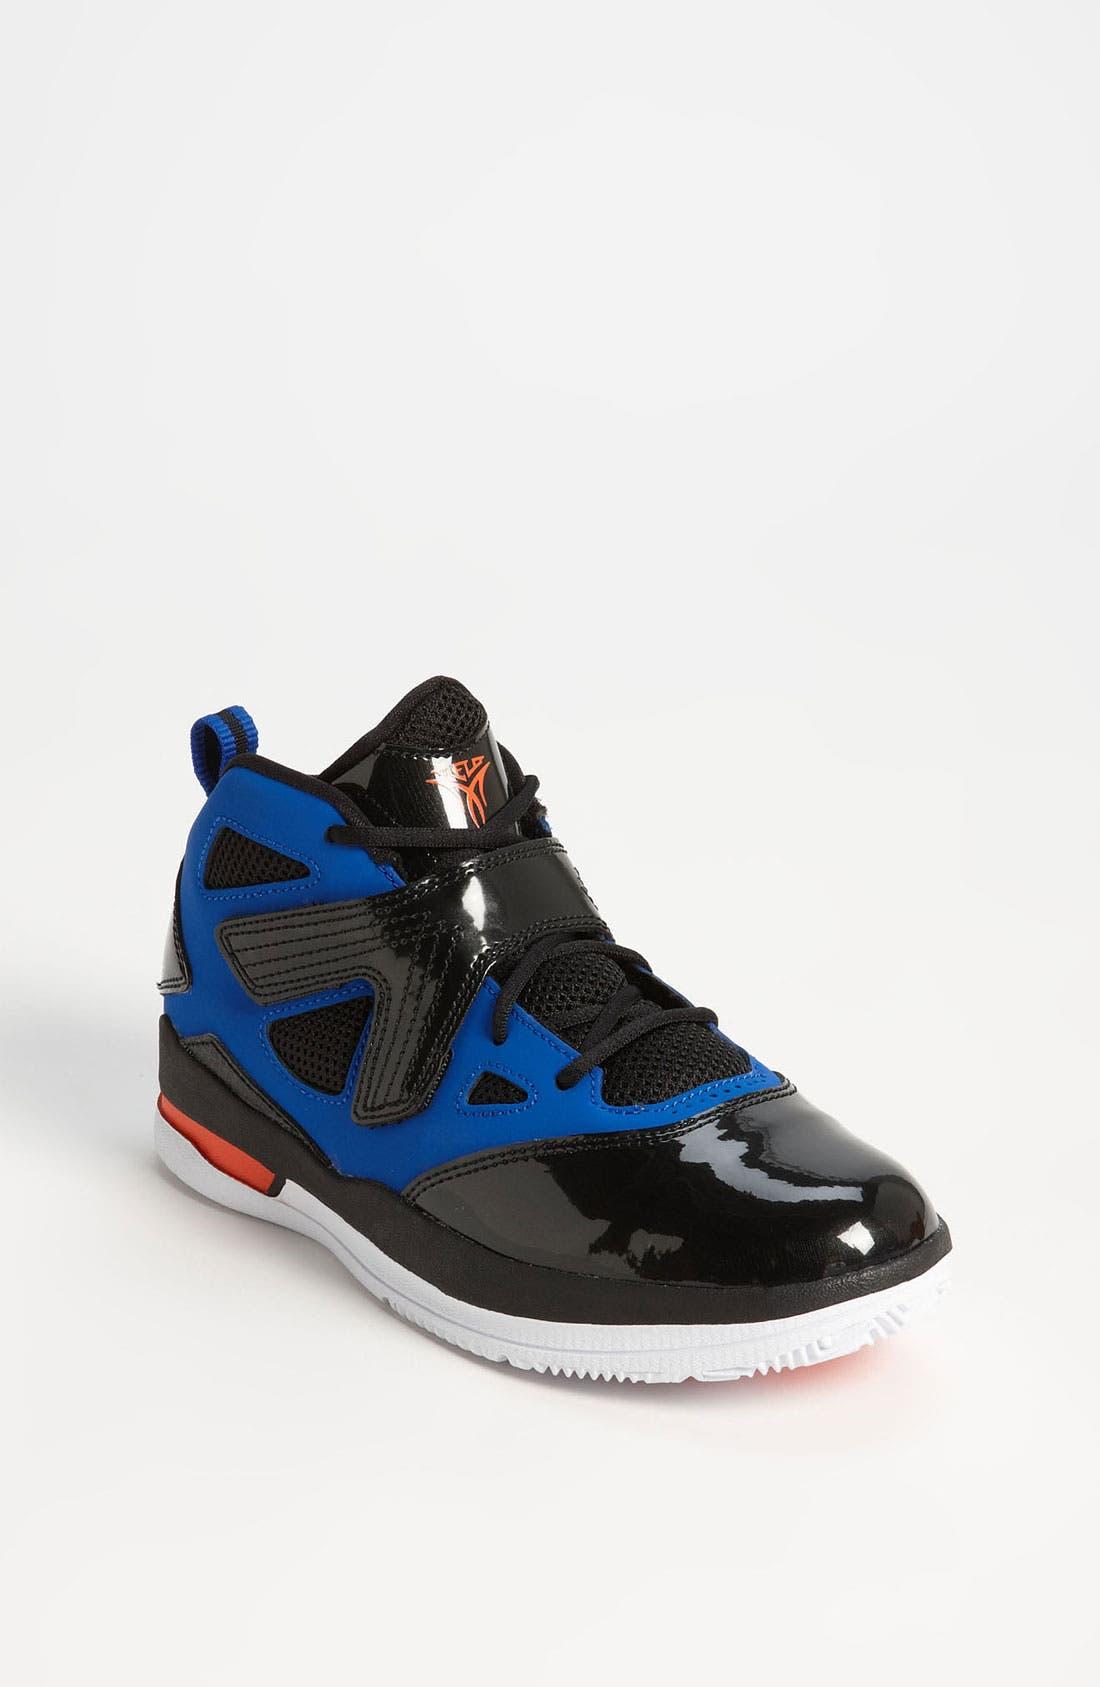 Main Image - Nike 'Jordan Melo M9' Basketball Shoe (Toddler & Little Kid)